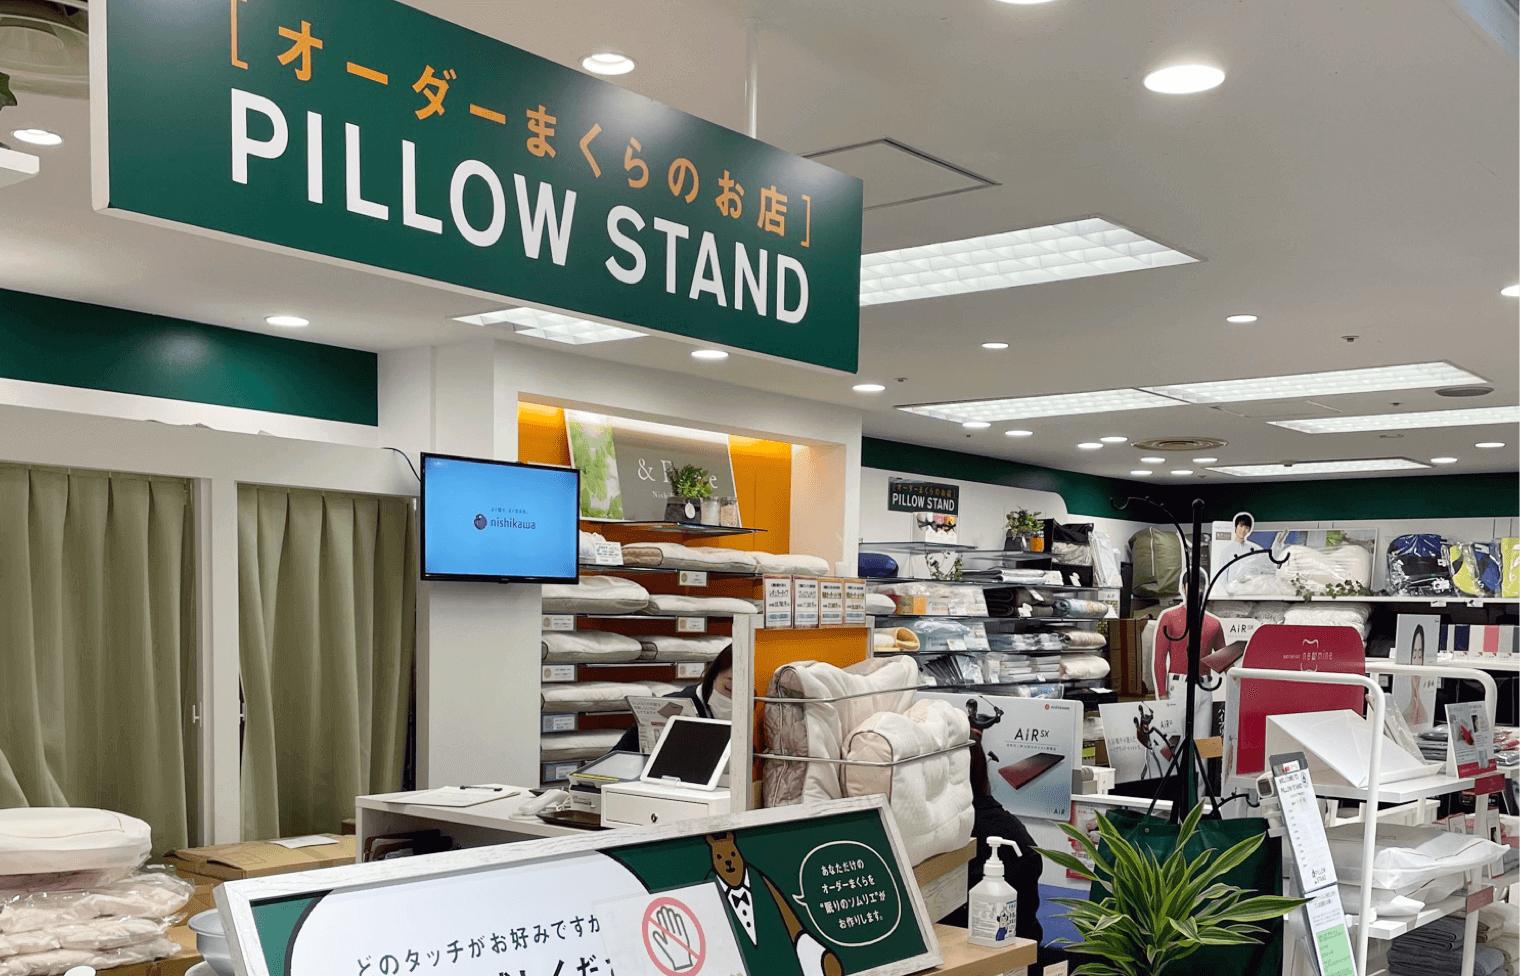 【 9/9(木)オープン】ピロースタンド イプノス 上野マルイ店